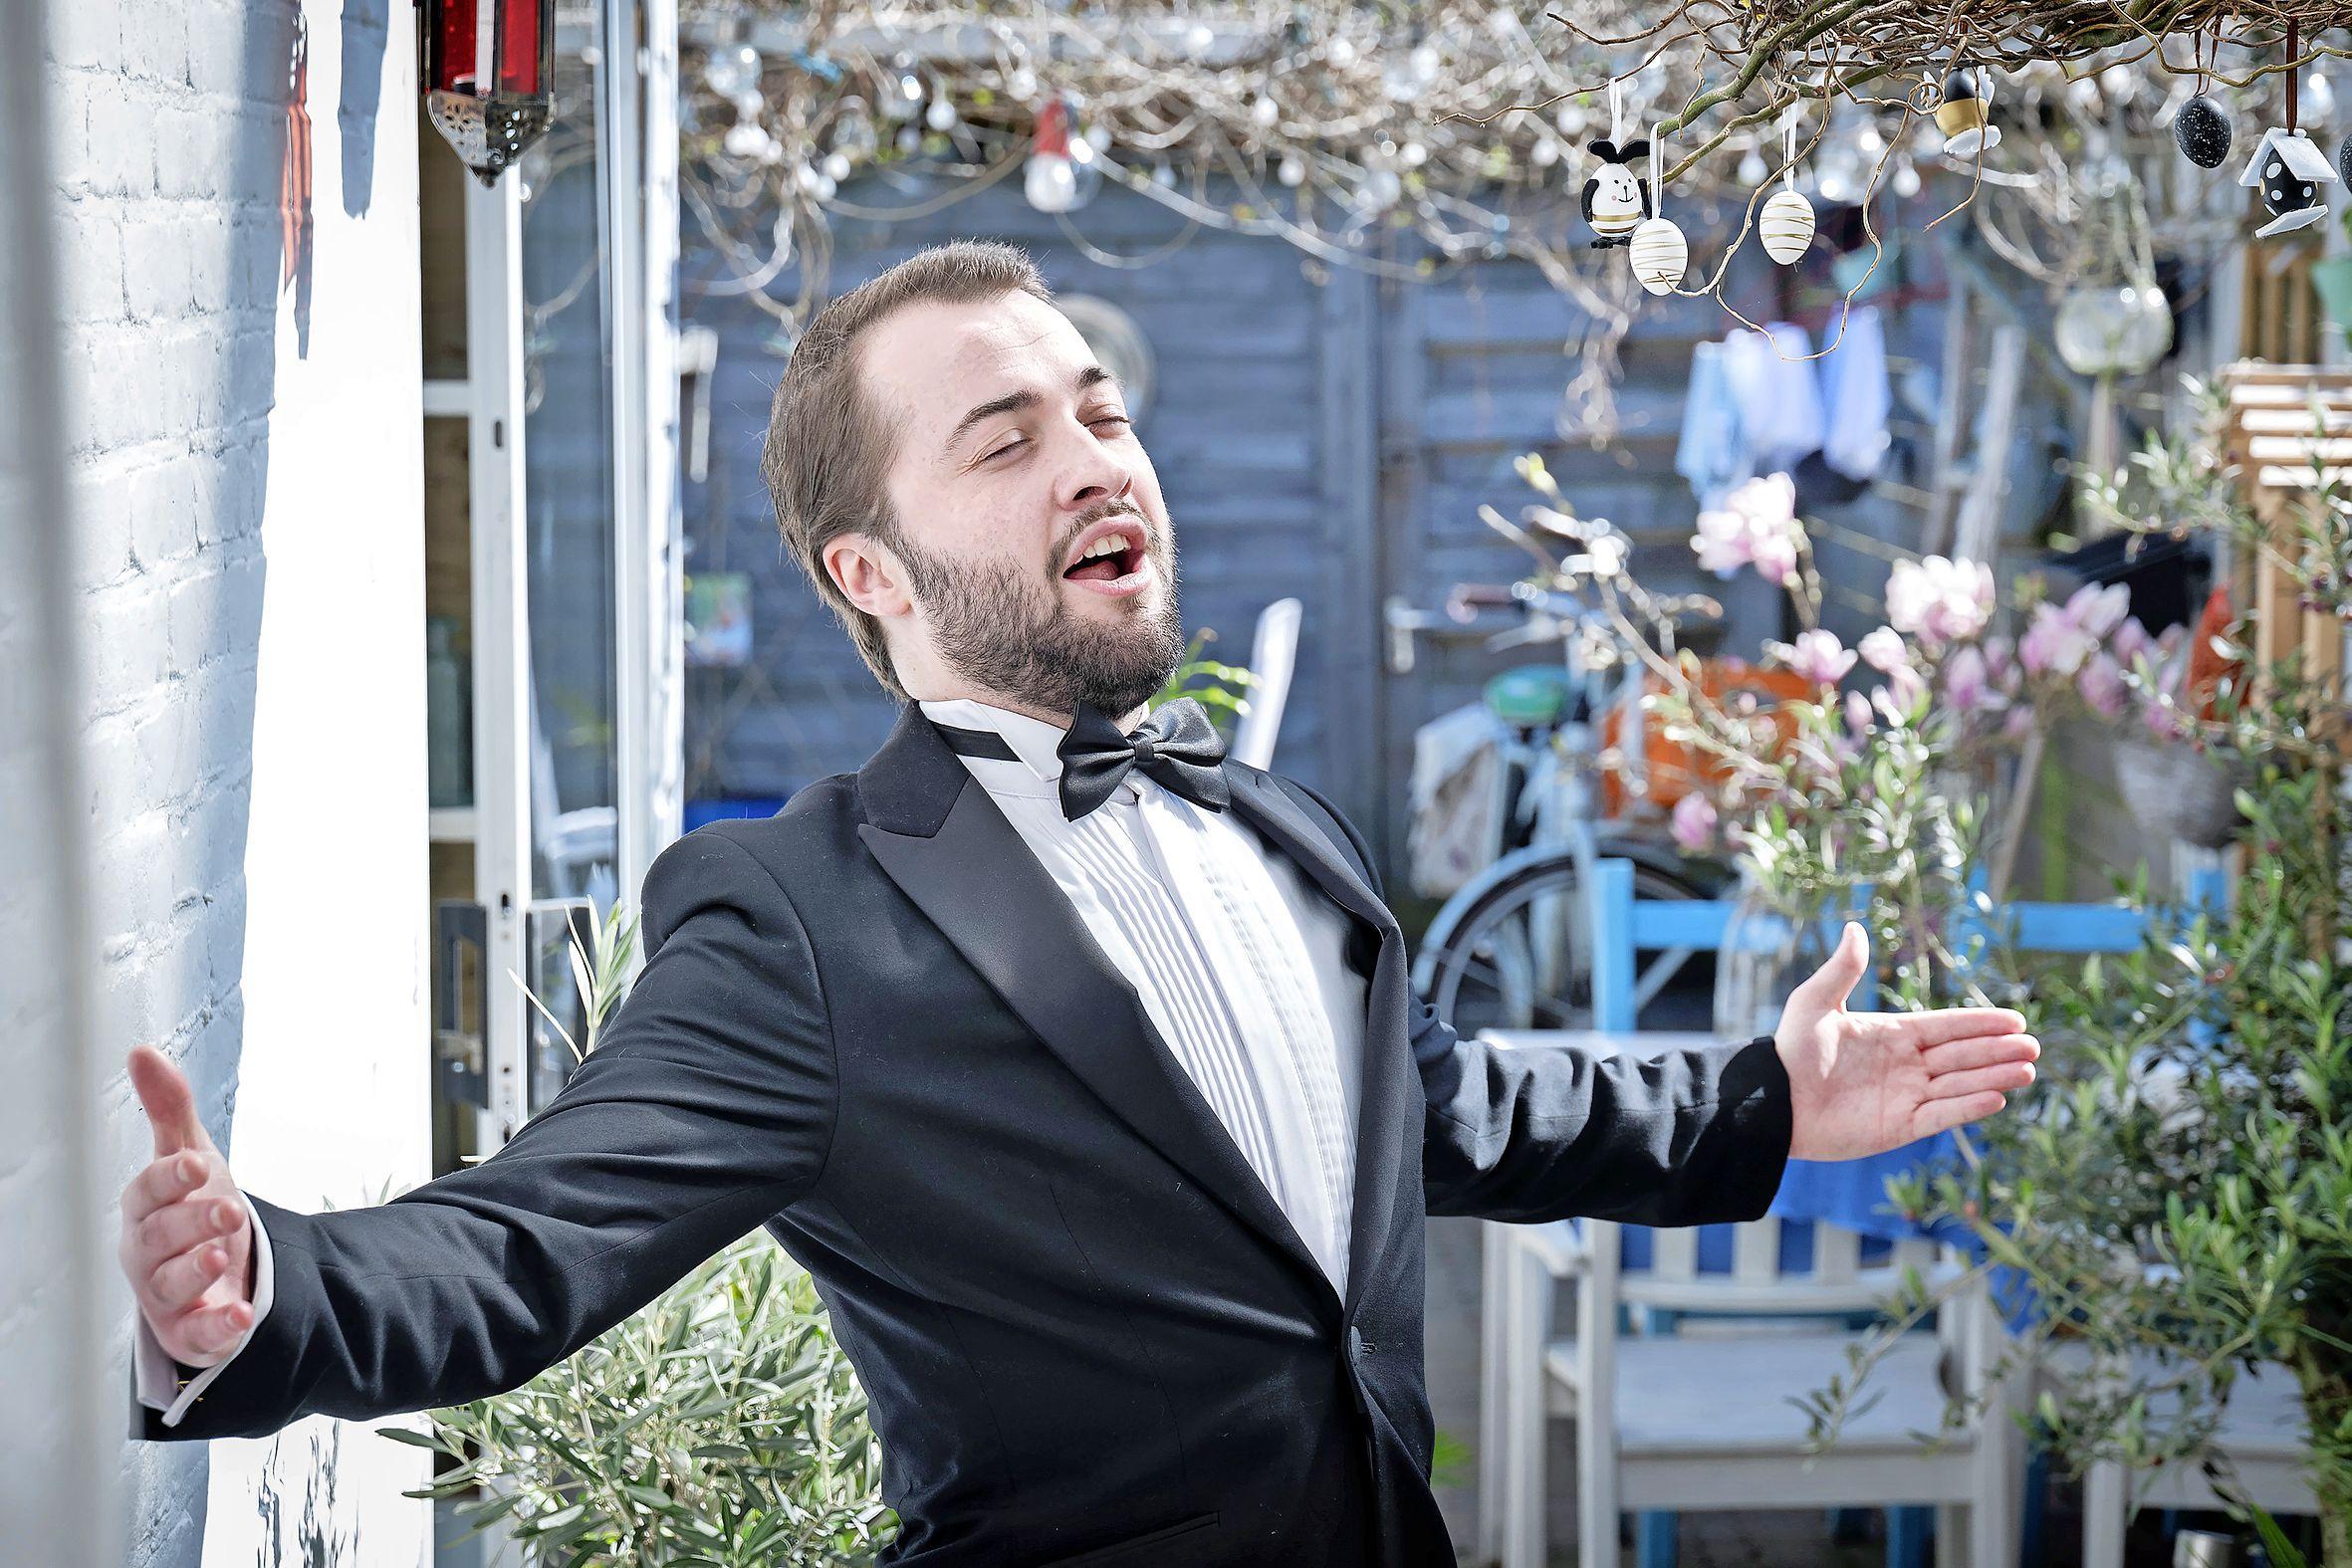 Bariton Jop van Gennip (25) maakt van elke stoep een podium, met zijn 'Aria's aan de Deur' kan de zanger eindelijk weer optreden